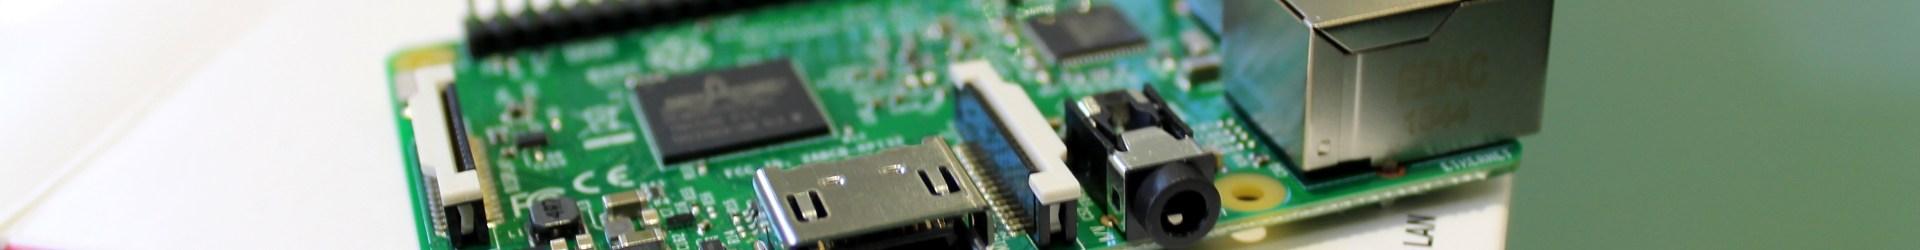 Effettuare il backup (ed eventuale ripristino) del proprio Raspberry Pi